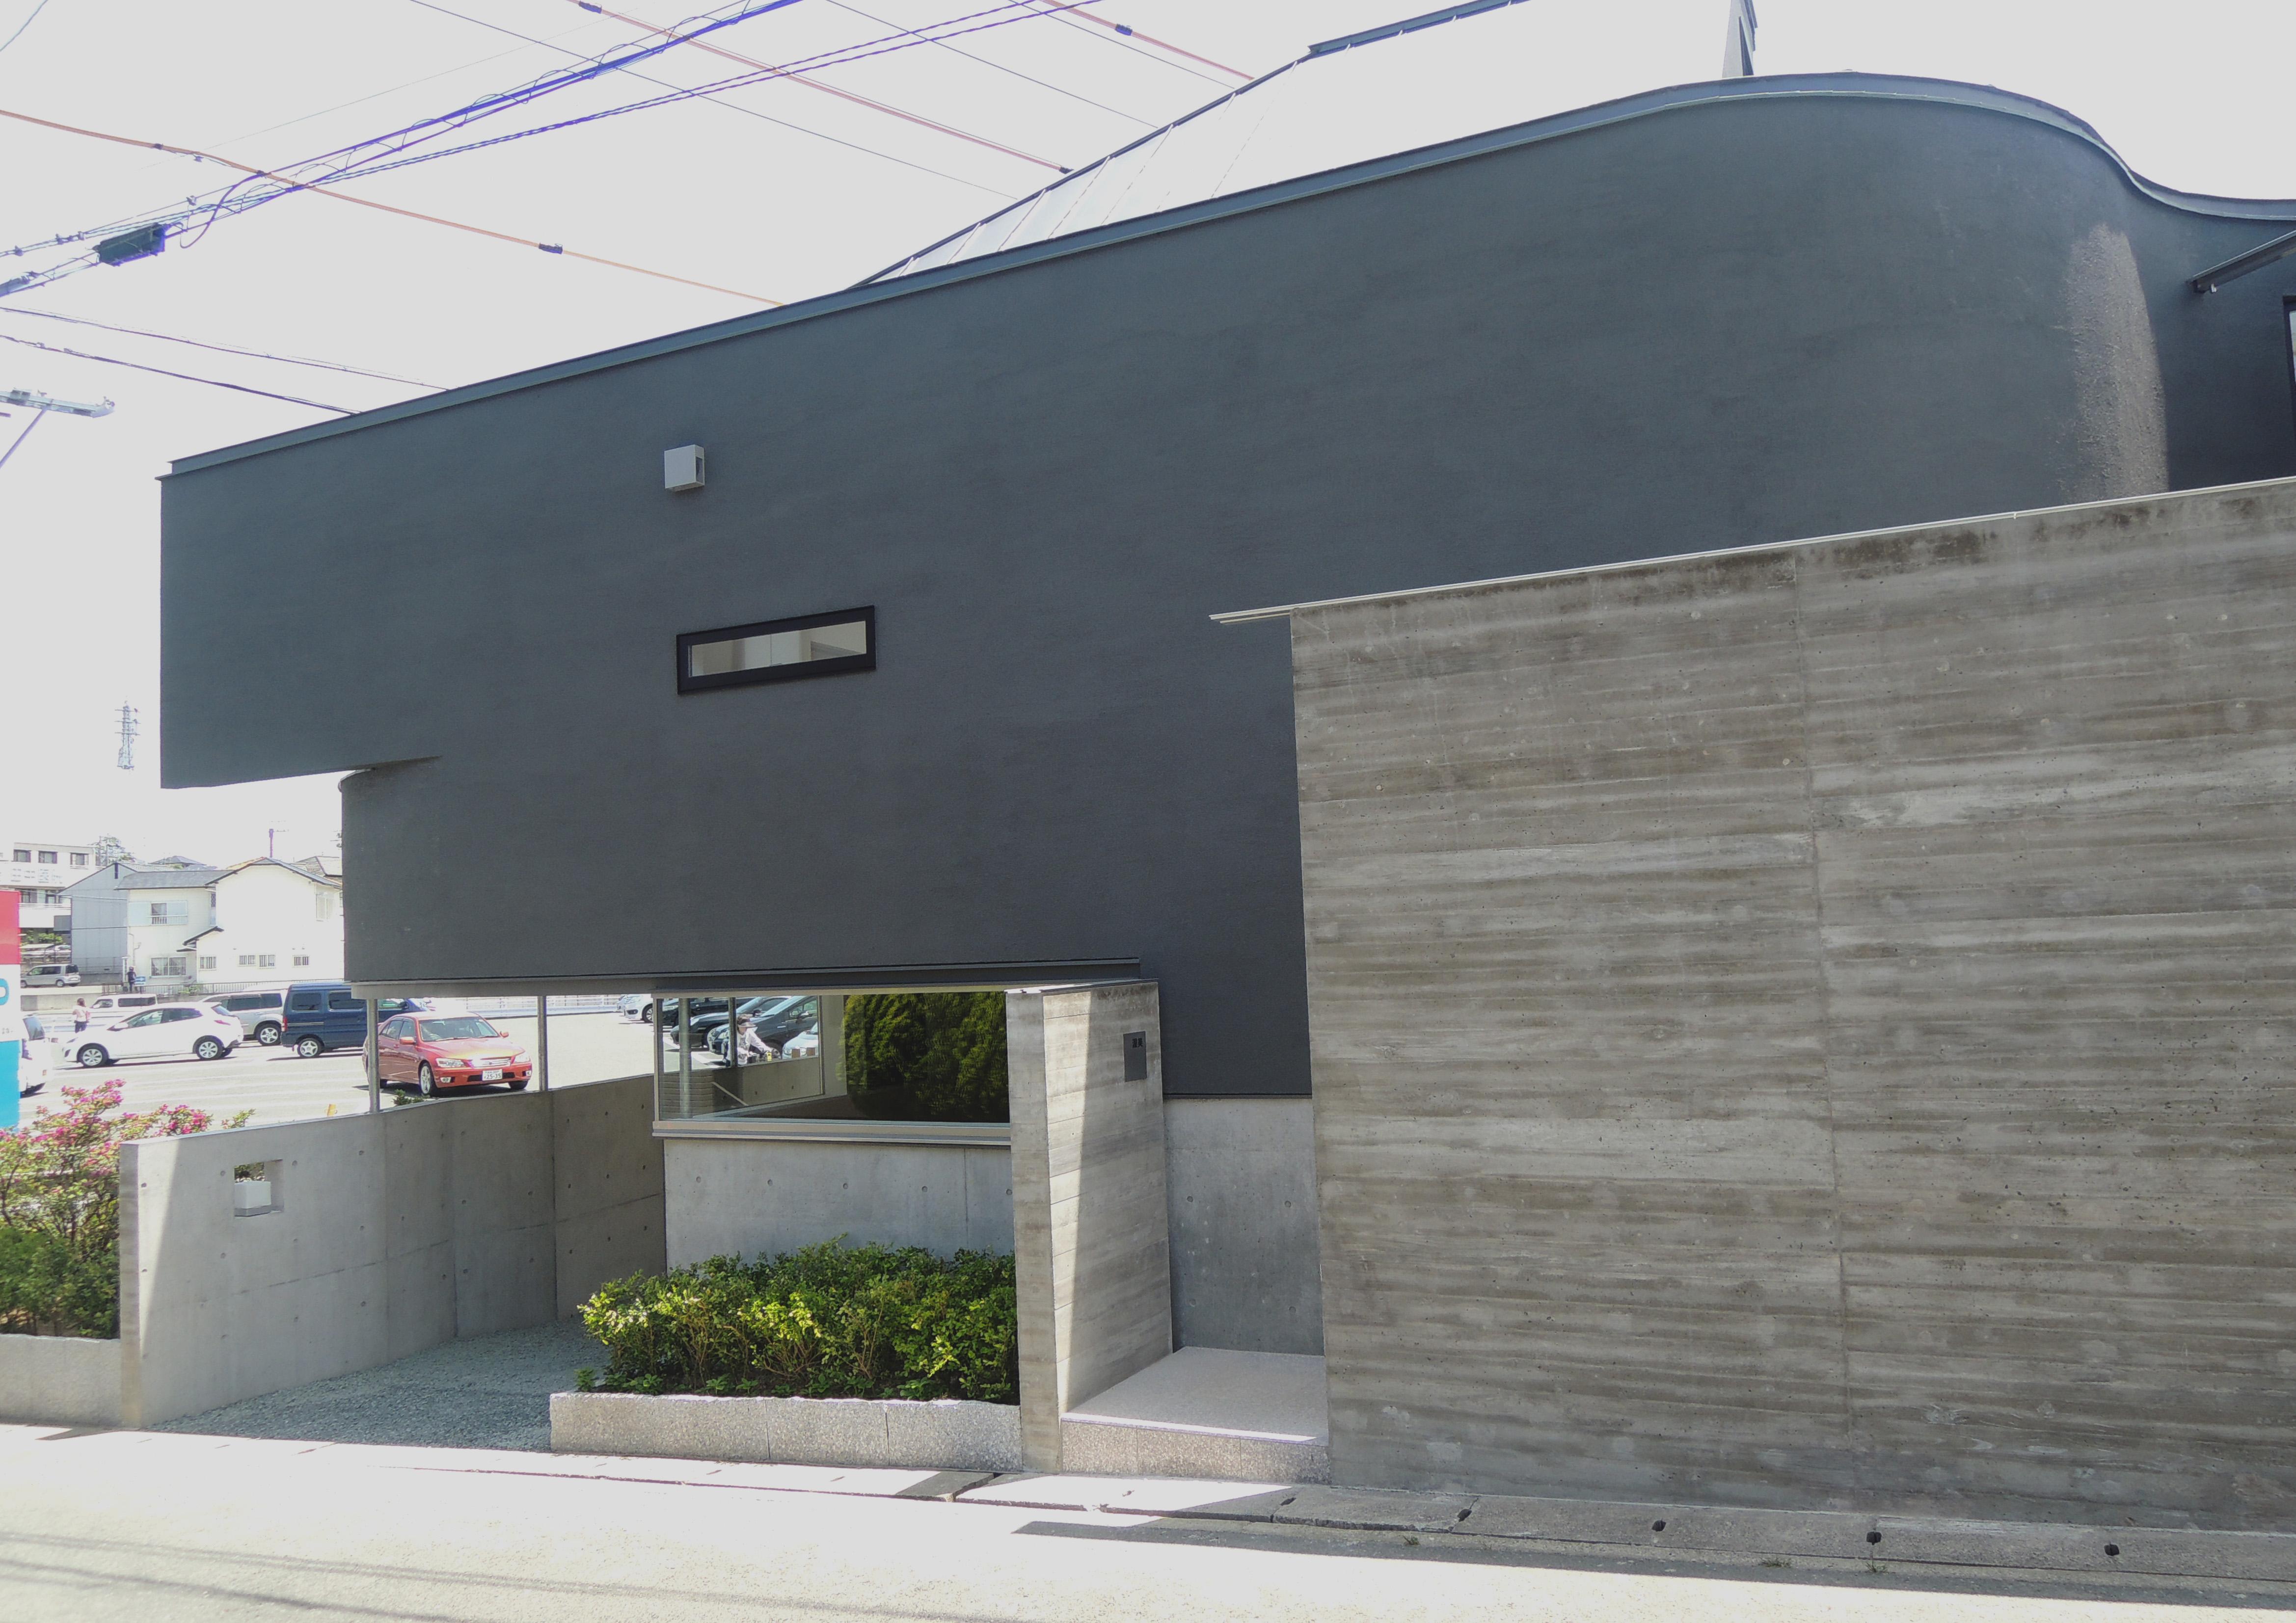 富塚の屋(浜松)の引き渡しまじか。 建築家・中村弘道さんのブログ【建築家O-uccino(オウチーノ)】